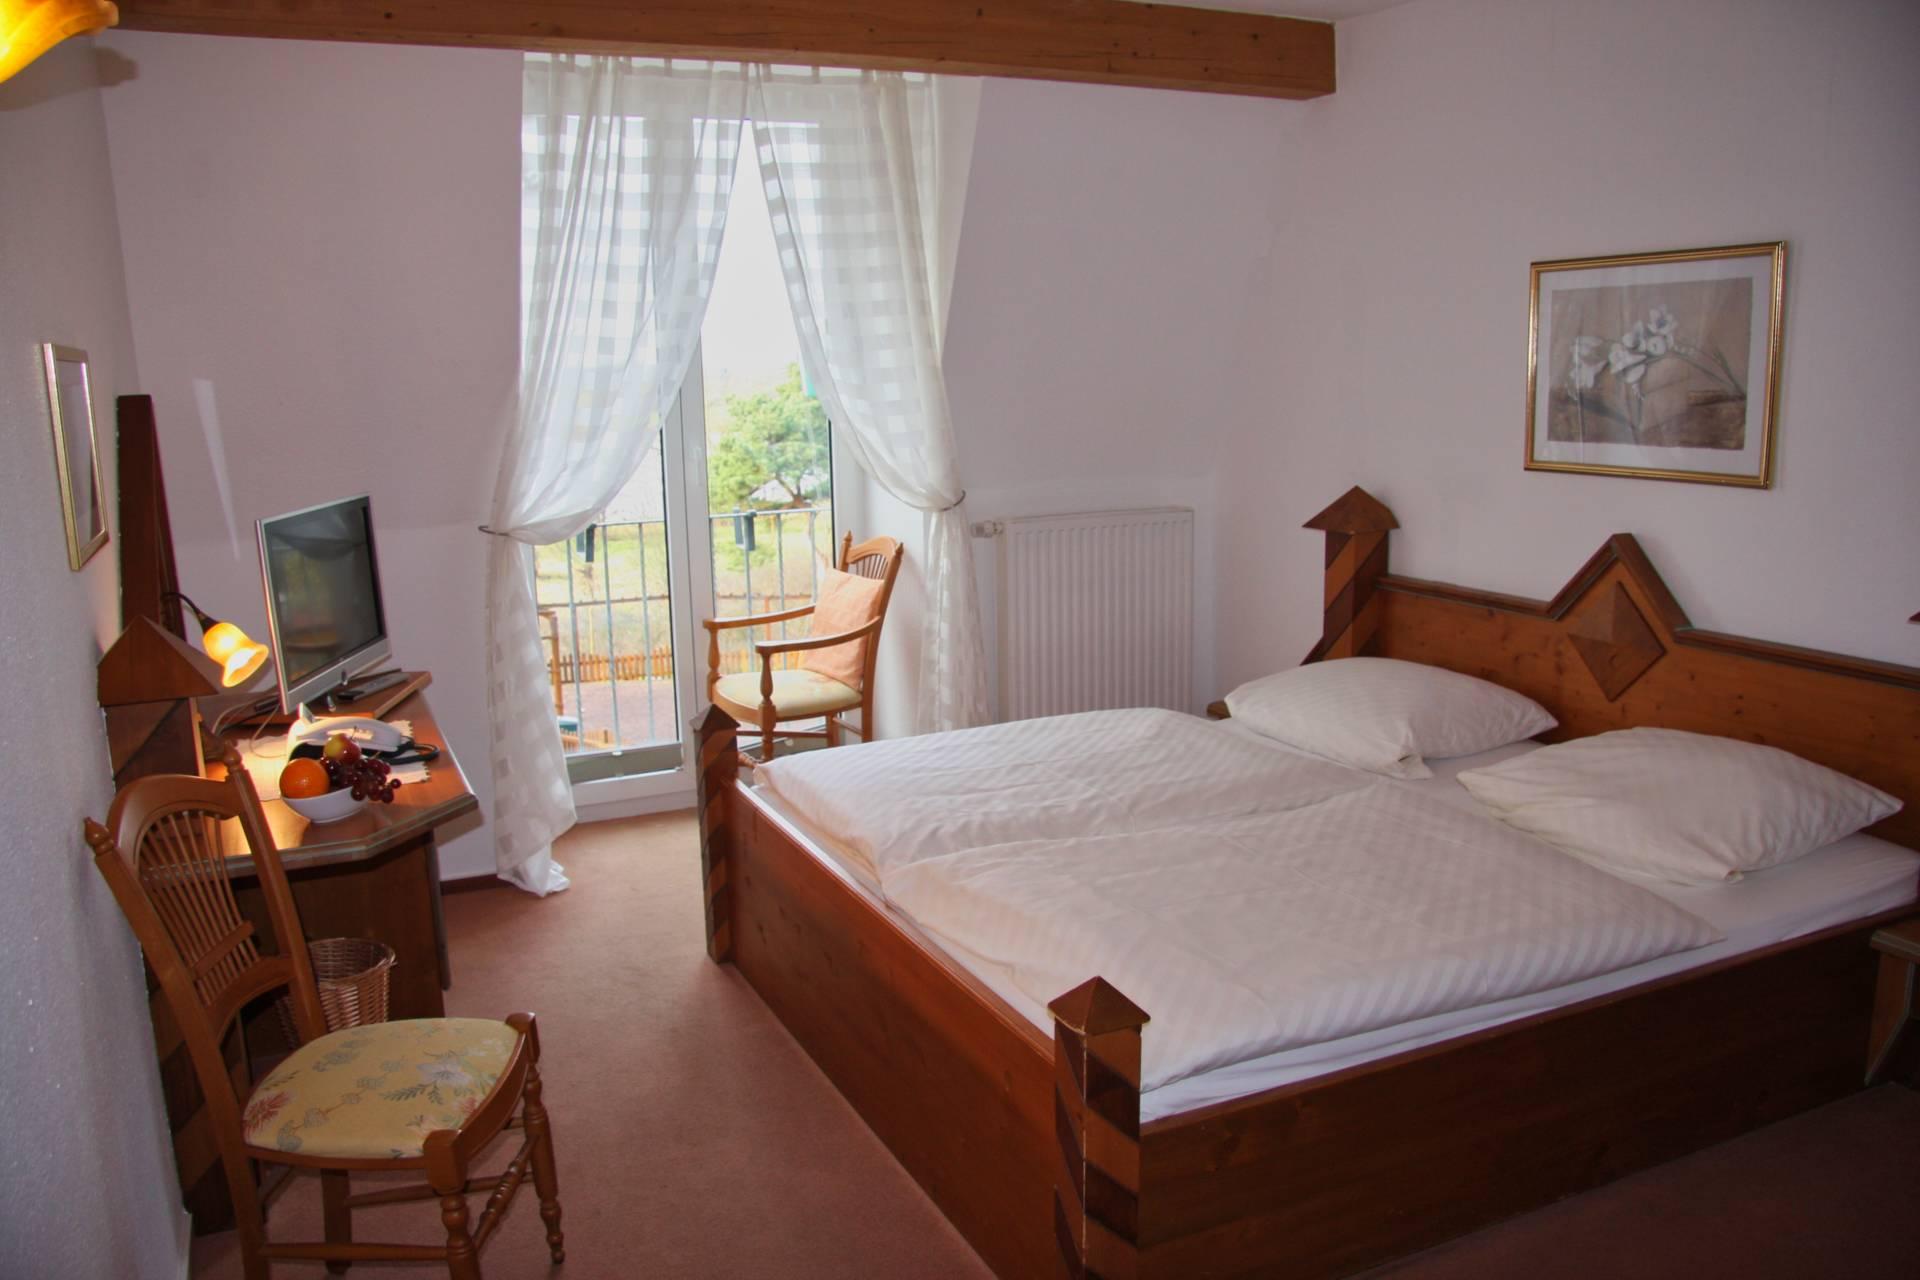 Zimmer - Unser Hotel - Hotel und Restaurant Waldschaenke